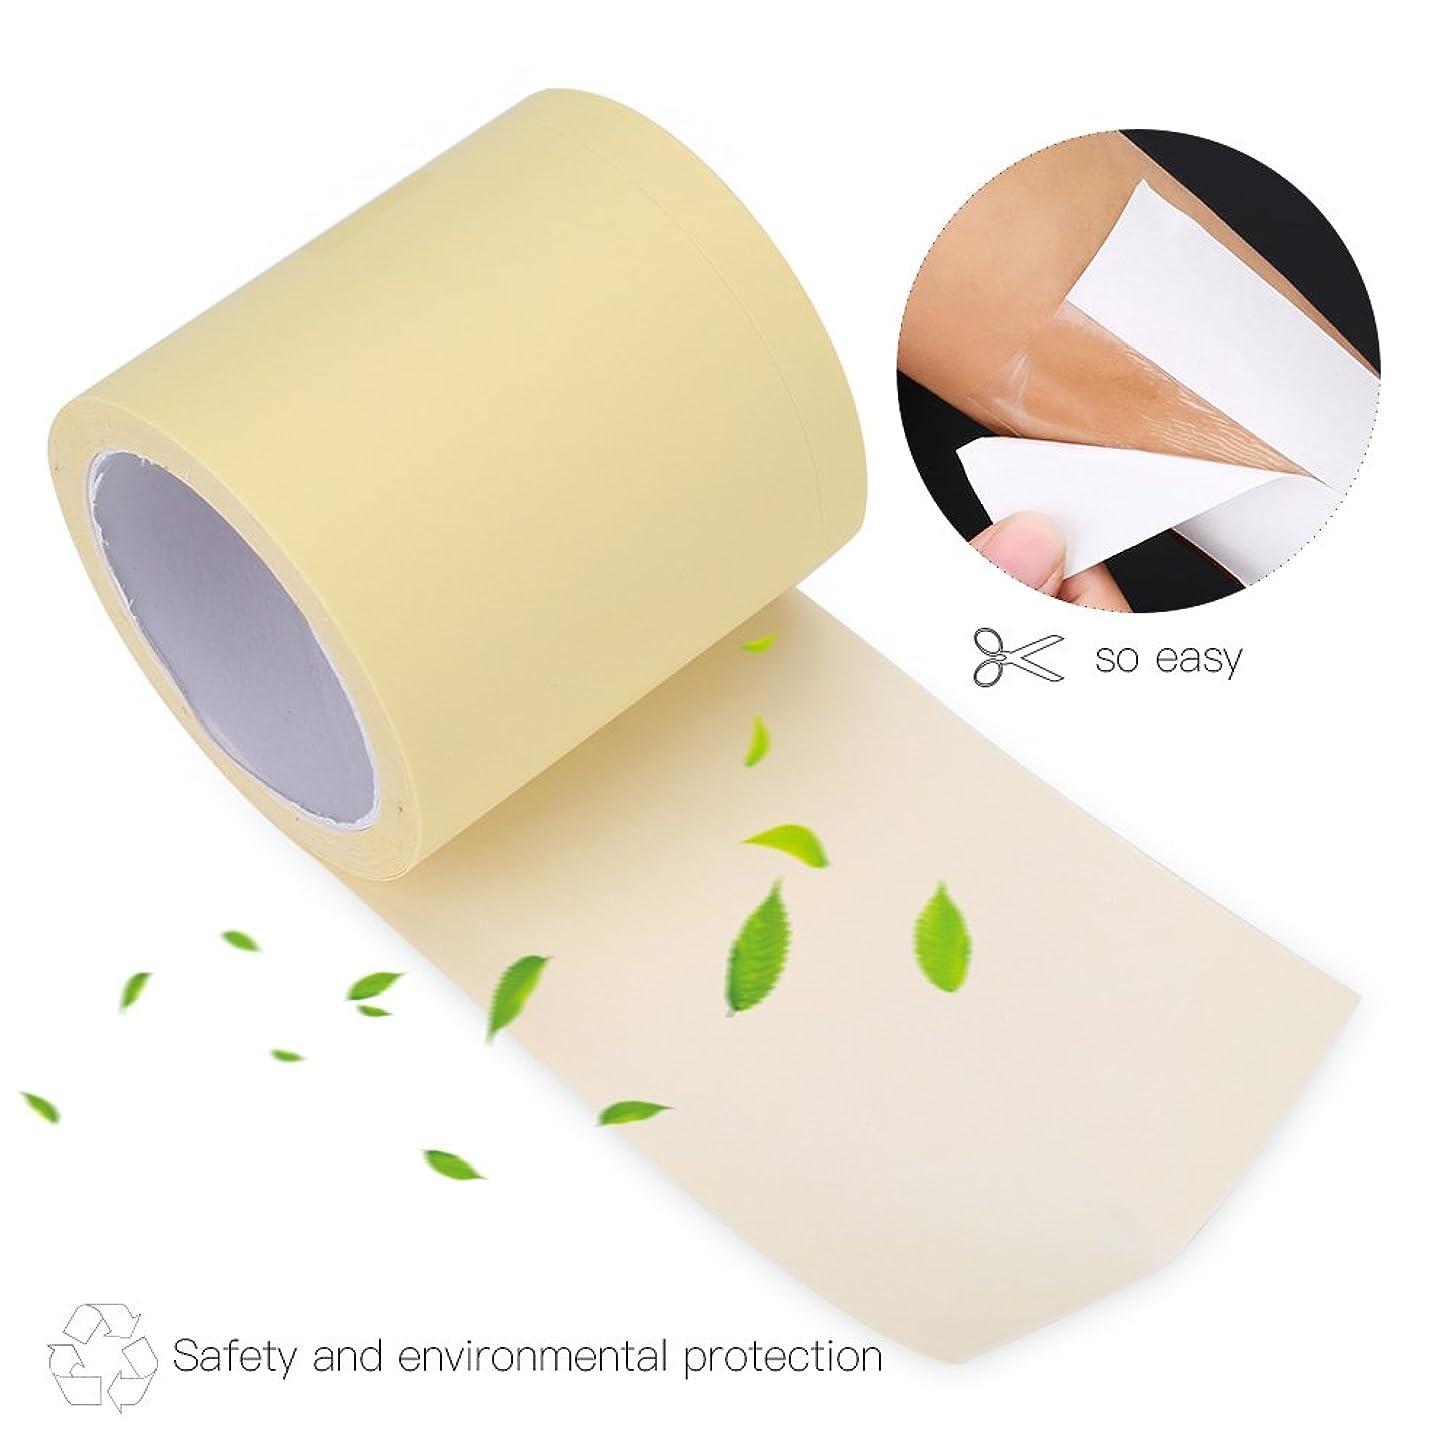 便利拡張所属汗止めパッド 脇の下汗パッド 皮膚に優しい 0.012 mm 透明 超薄型 抗菌加工 脇の汗染み防止